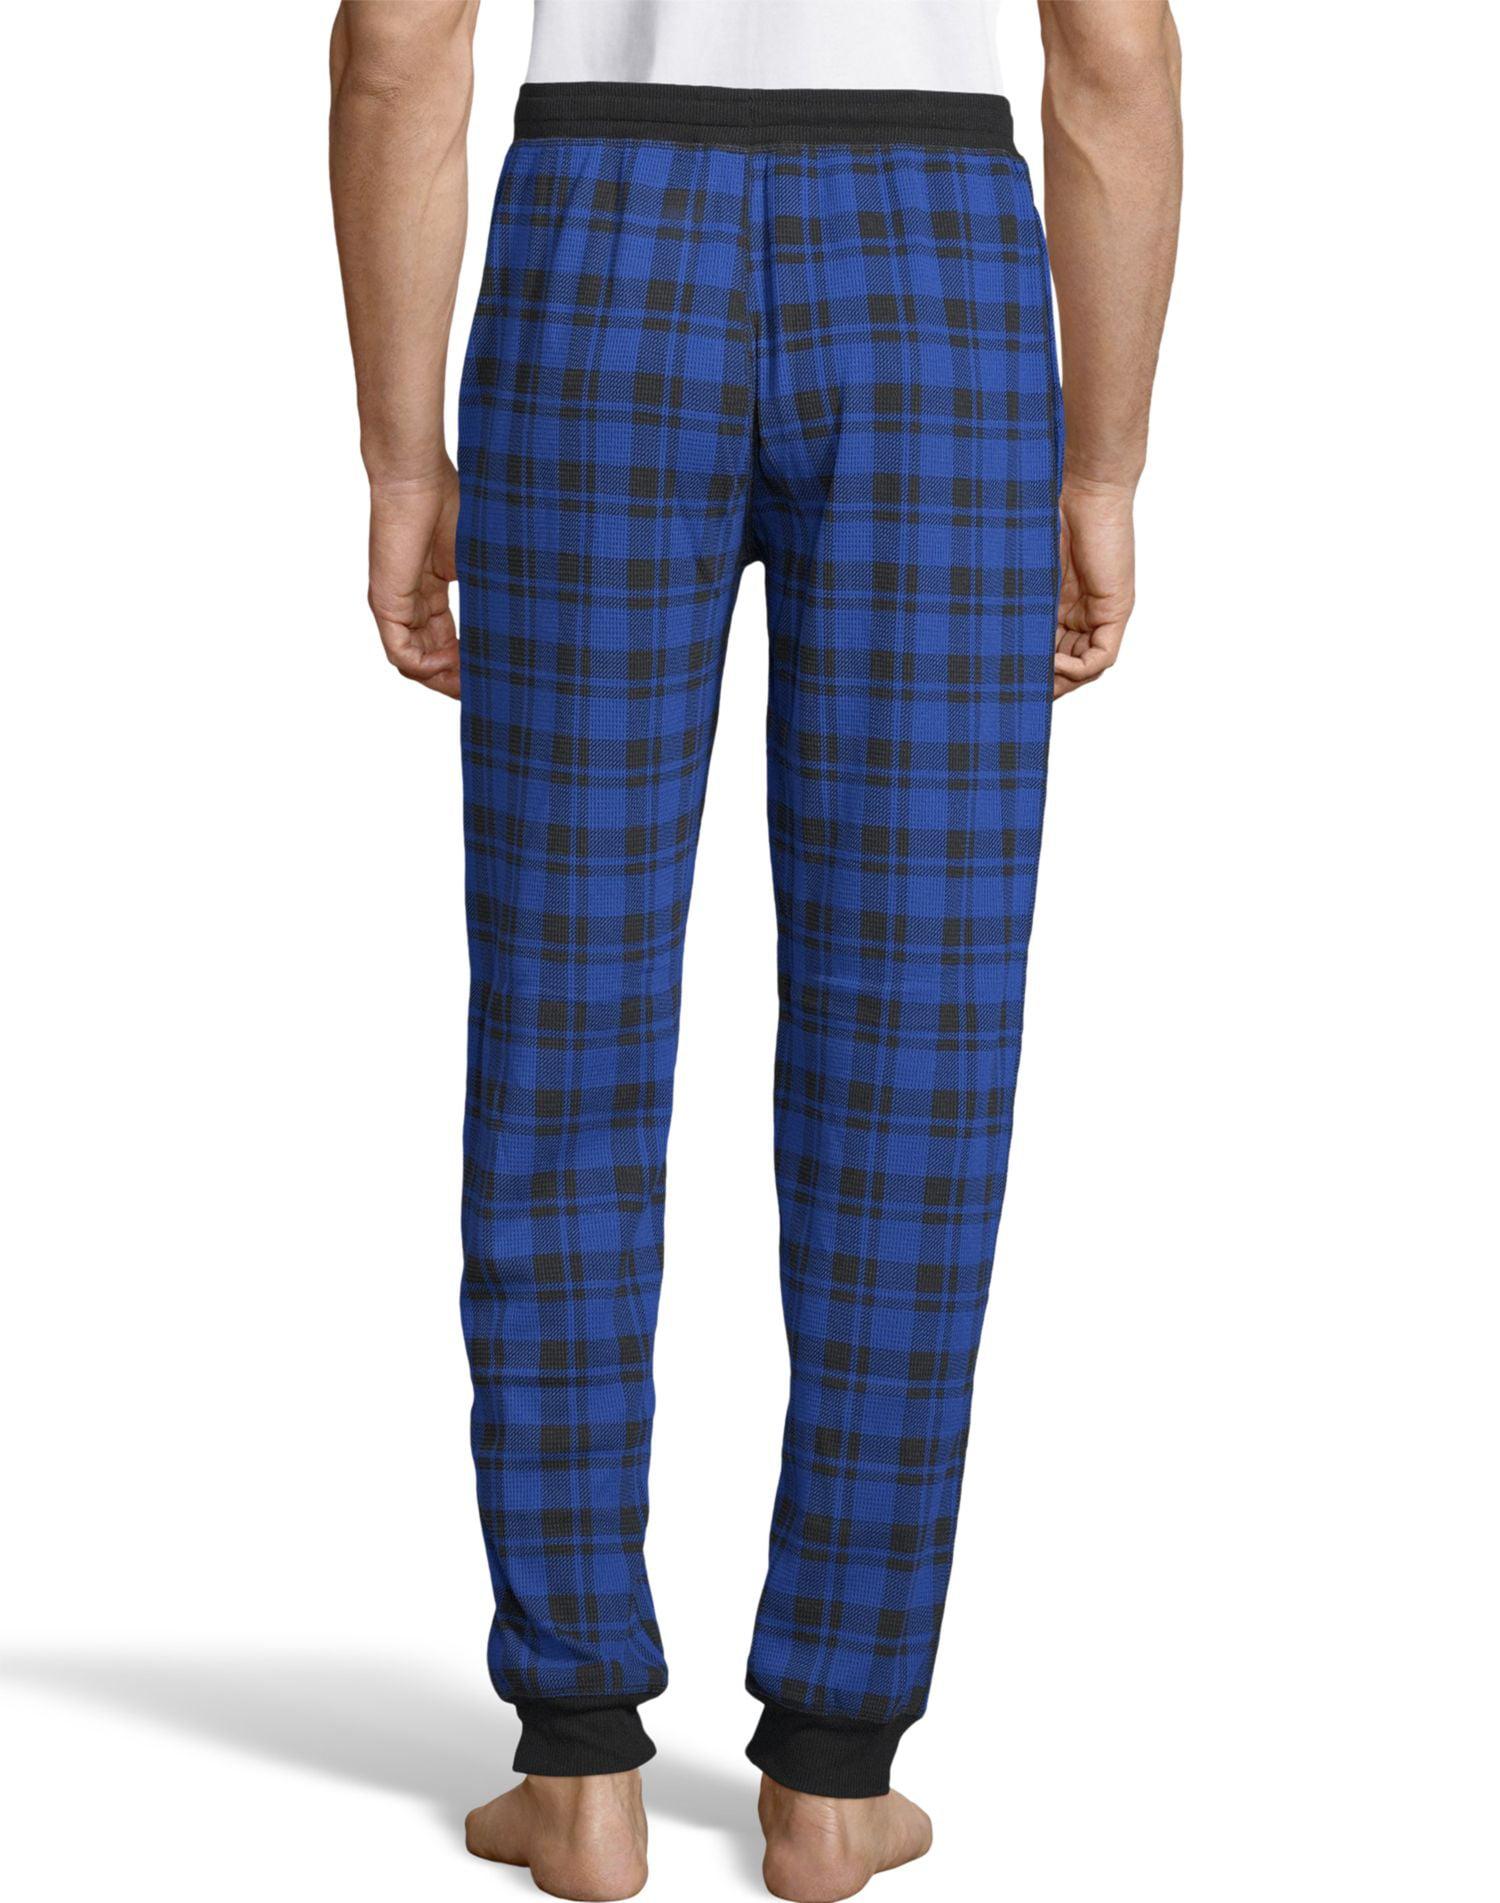 Hanes Mens Thermal Waffle Knit Jogger Pants, 3XL, Blue Plaid